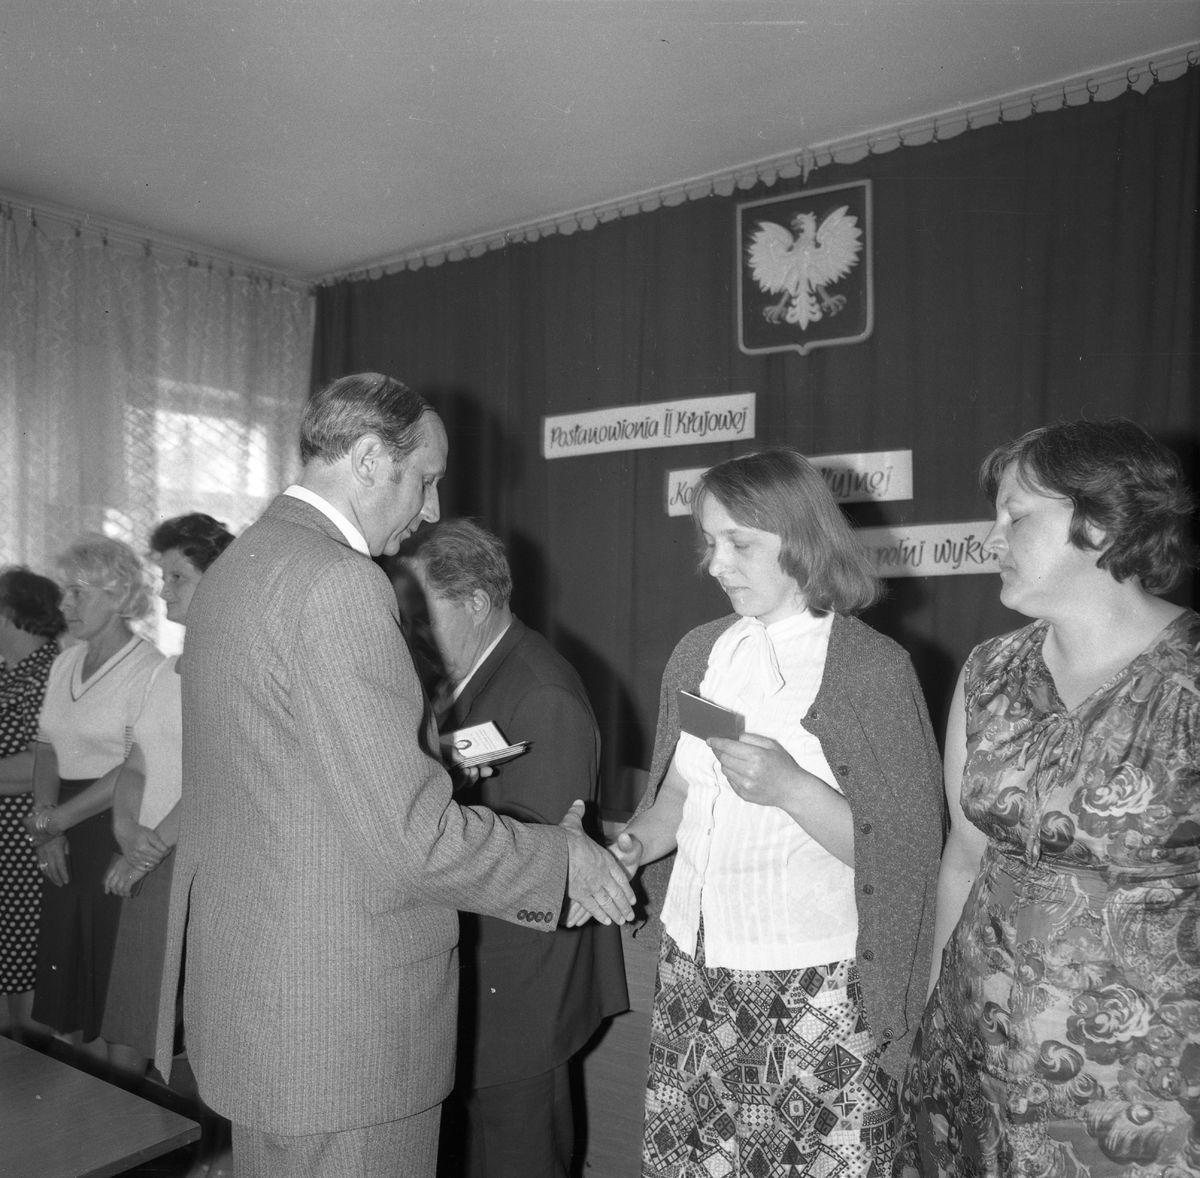 Wręczenie legitymacji partyjnej [7]